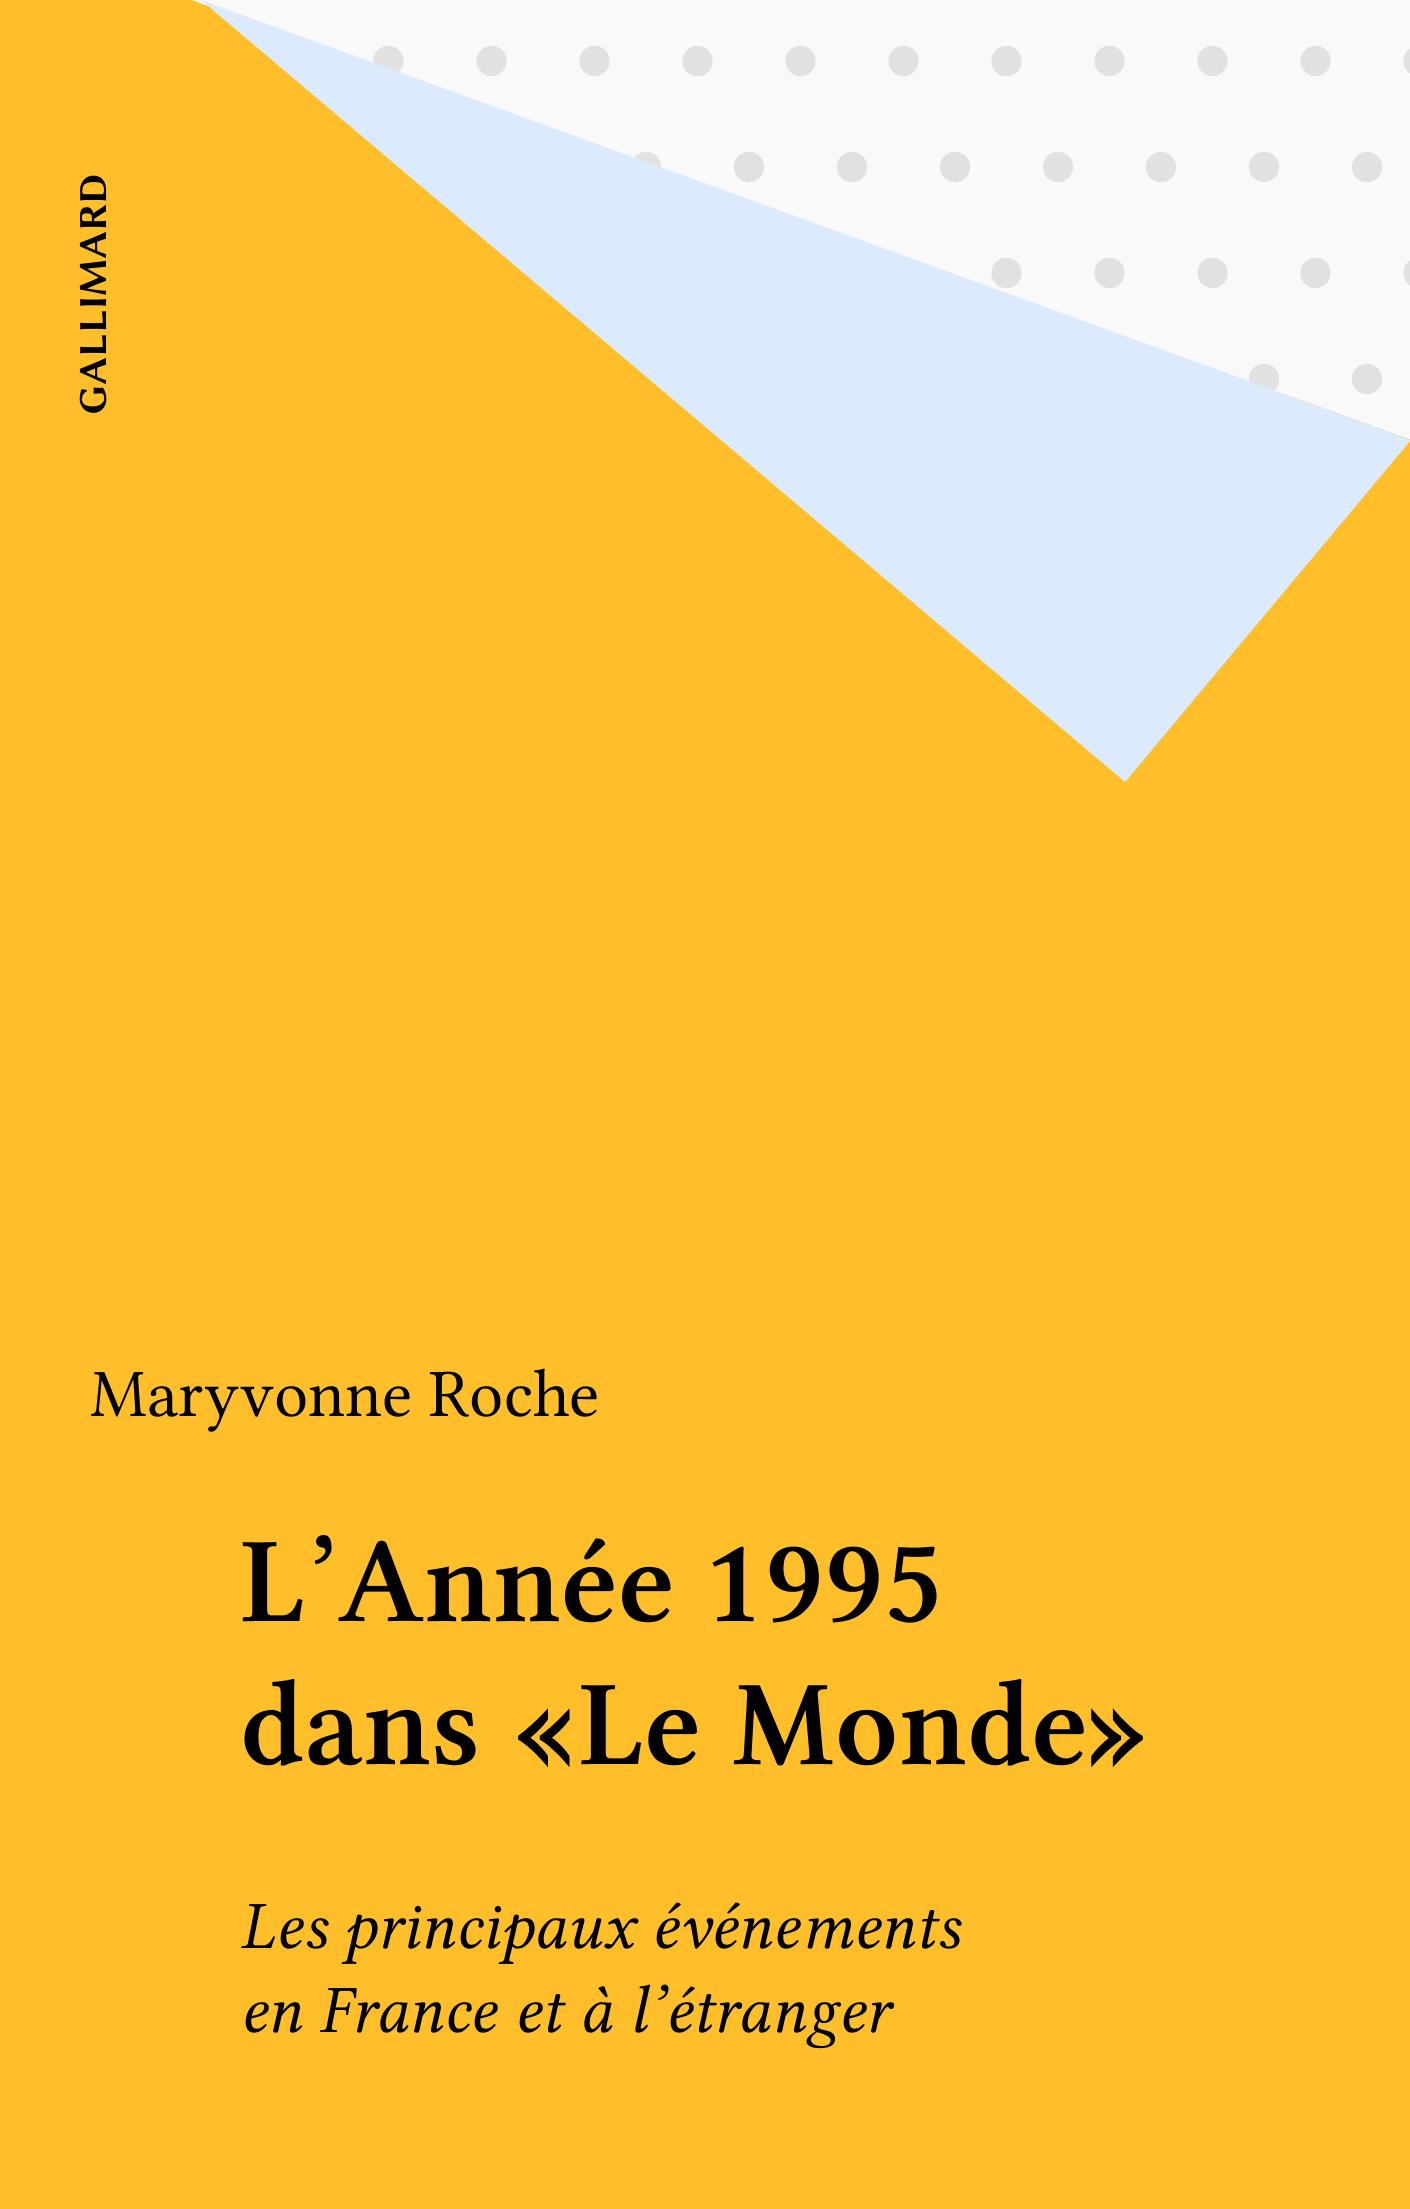 L'Année 1995 dans «Le Monde»